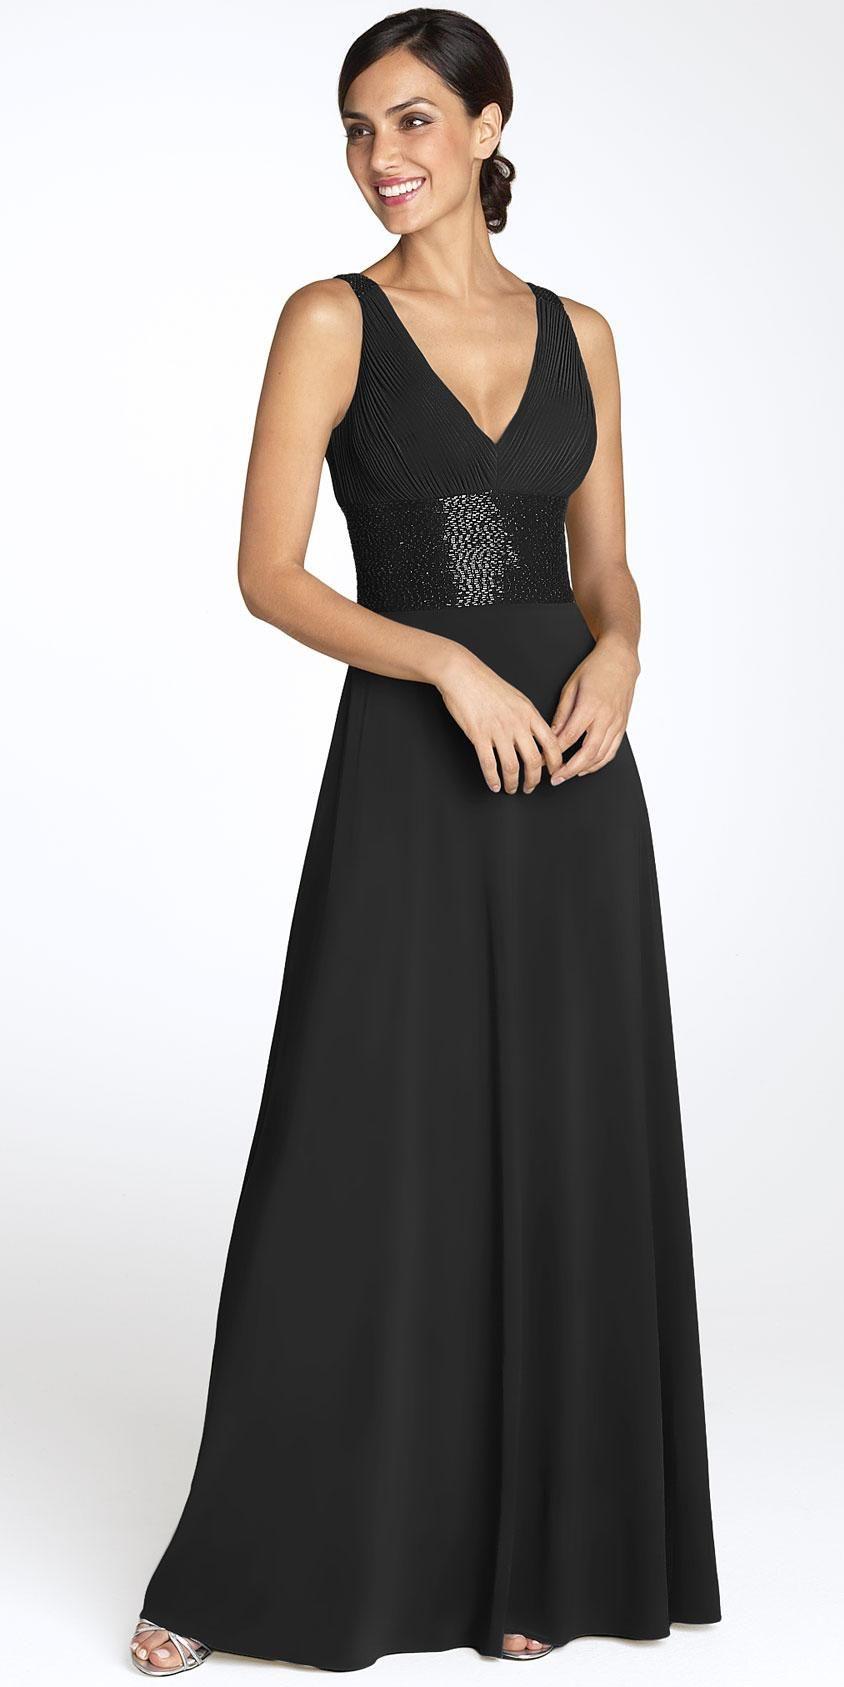 Black Long Cocktail Dress - Ocodea.com